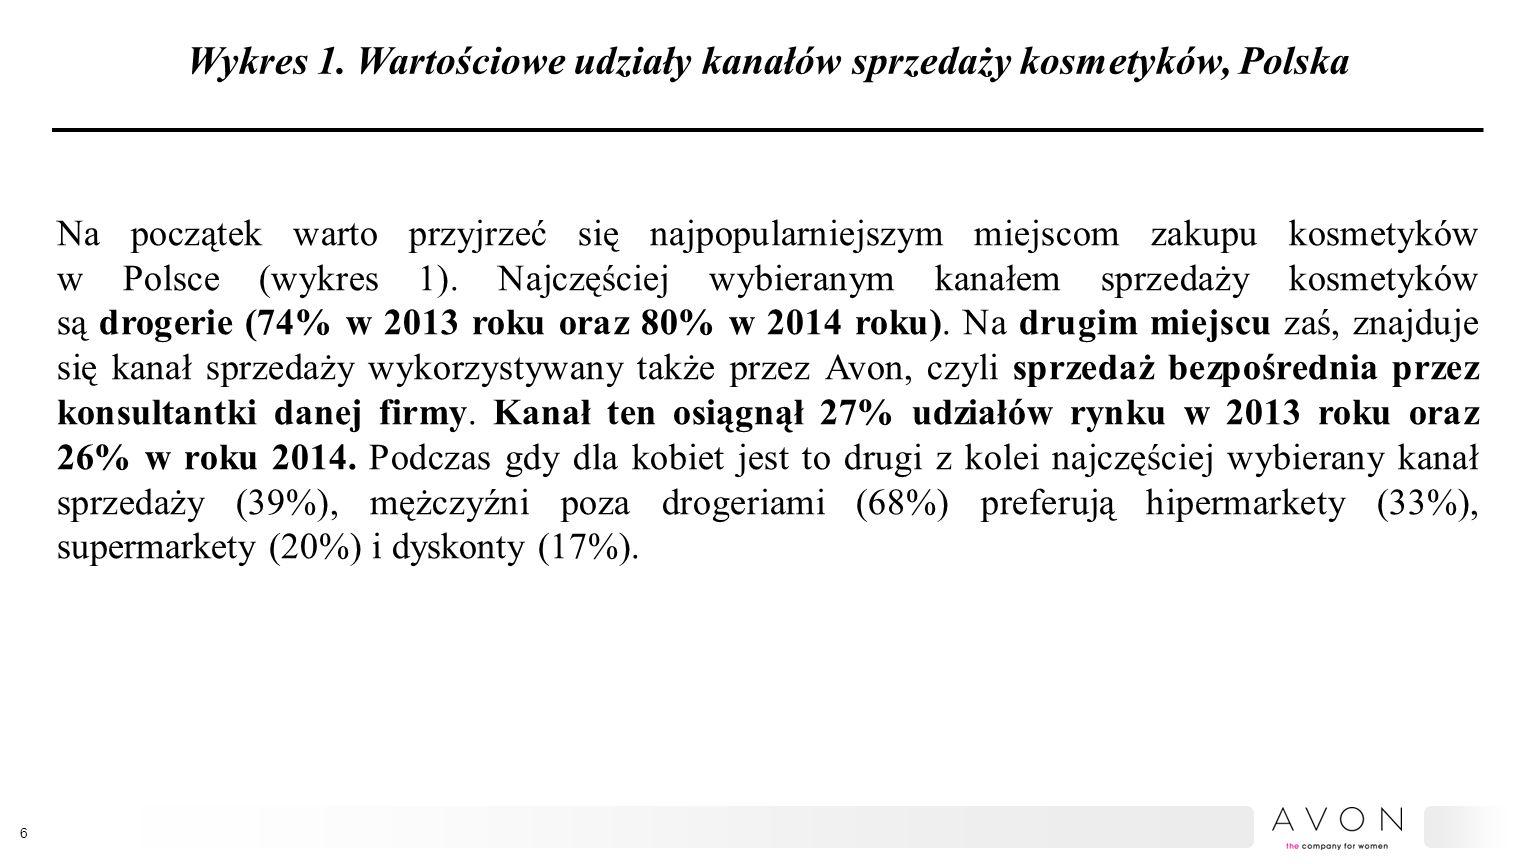 Wykres 1. Wartościowe udziały kanałów sprzedaży kosmetyków, Polska